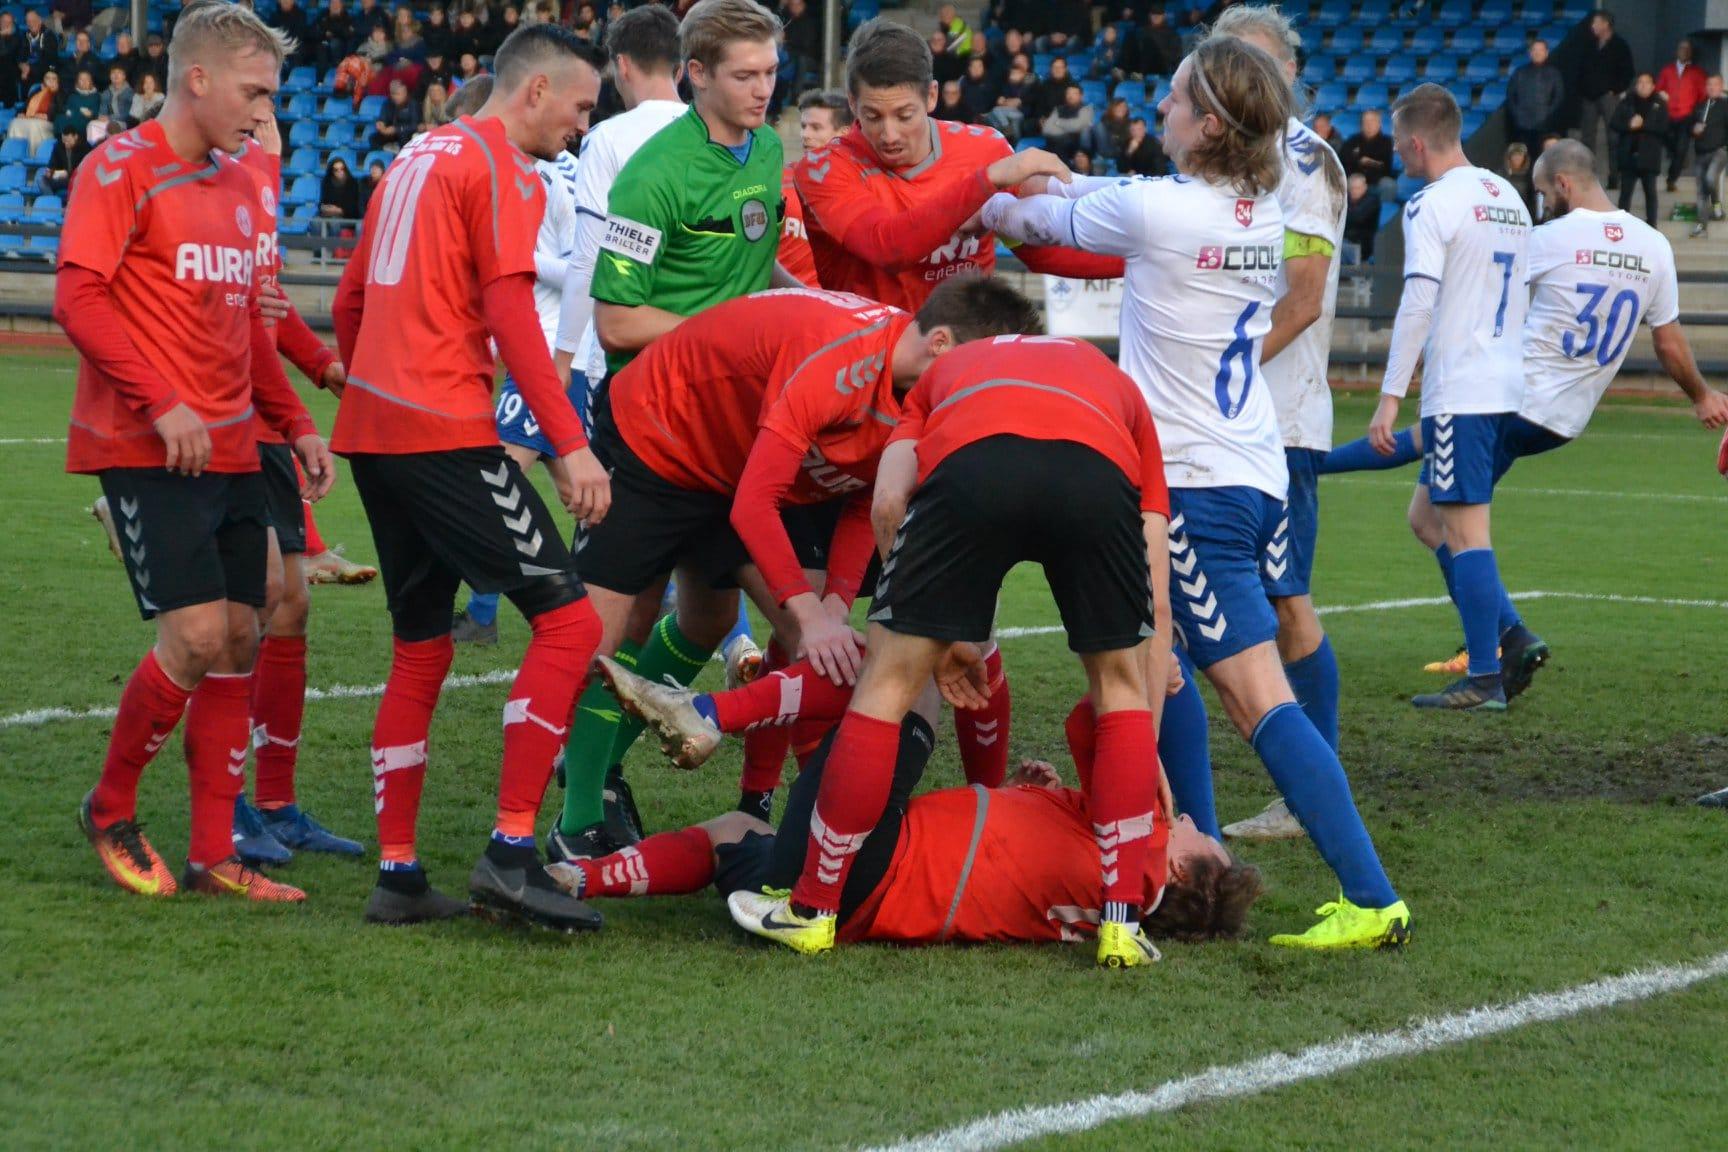 58f5706c ... Sørensen Onwumelu. Her får Lasse Møberg sendt bolden mod mål. På de  efterfølgende billeder ses det, hvordan holdkammeraterne først jubler over  målet og ...